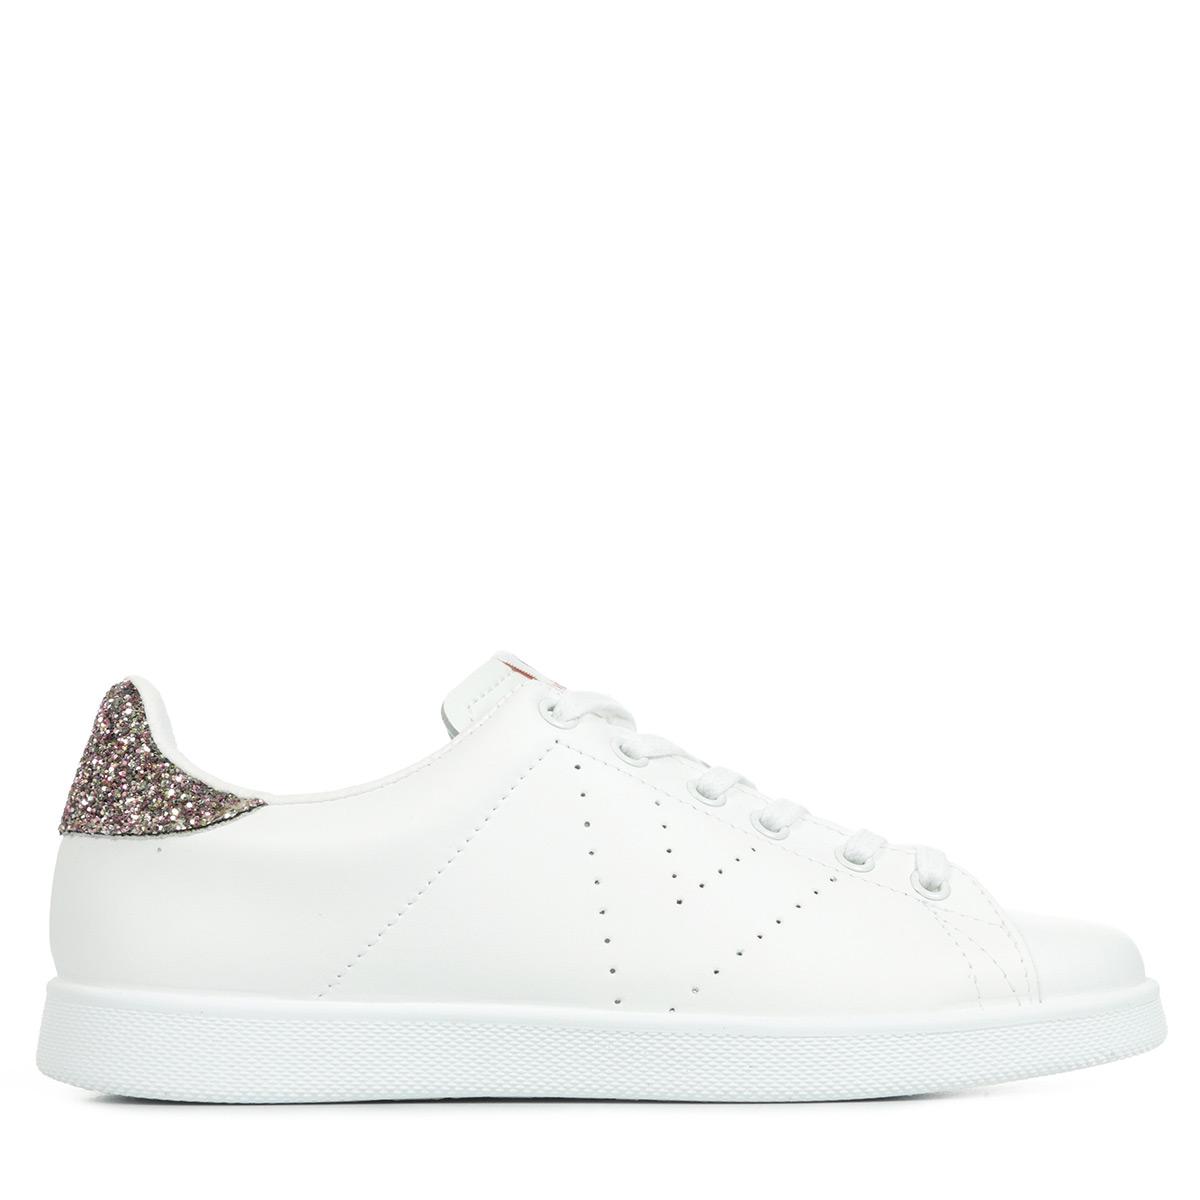 zapatos  Baskets Victoria mujer Deportivo Tenis Glitter Y Y Y Espero taille Doré 33e9d8